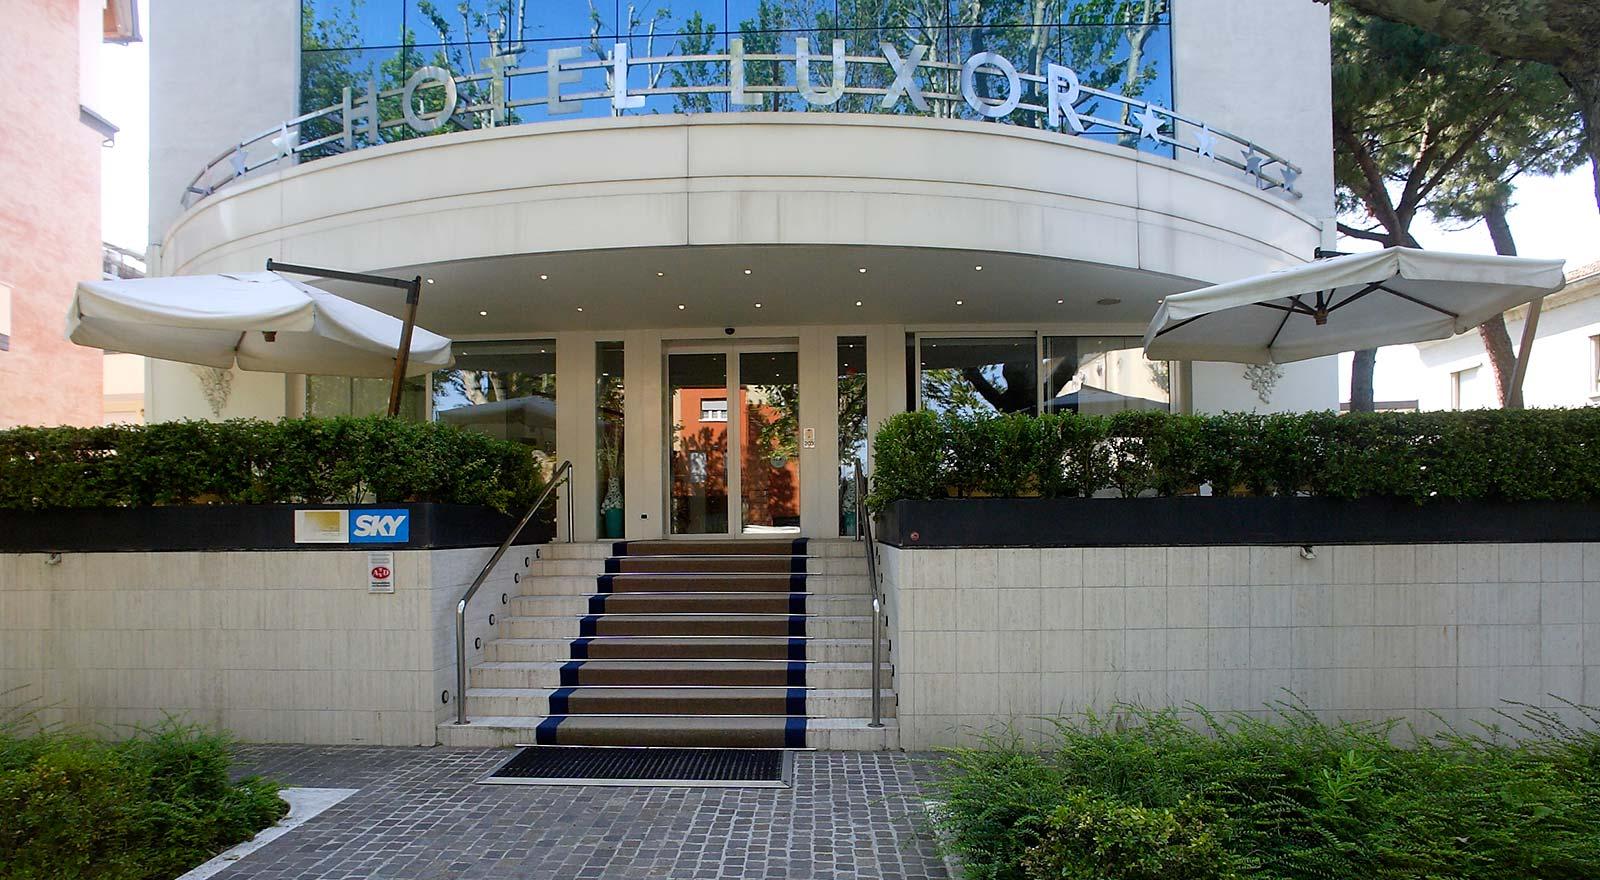 Hotel rimini 4 stelle a marina centro hotel luxor for Hotel 4 stelle barcellona centro